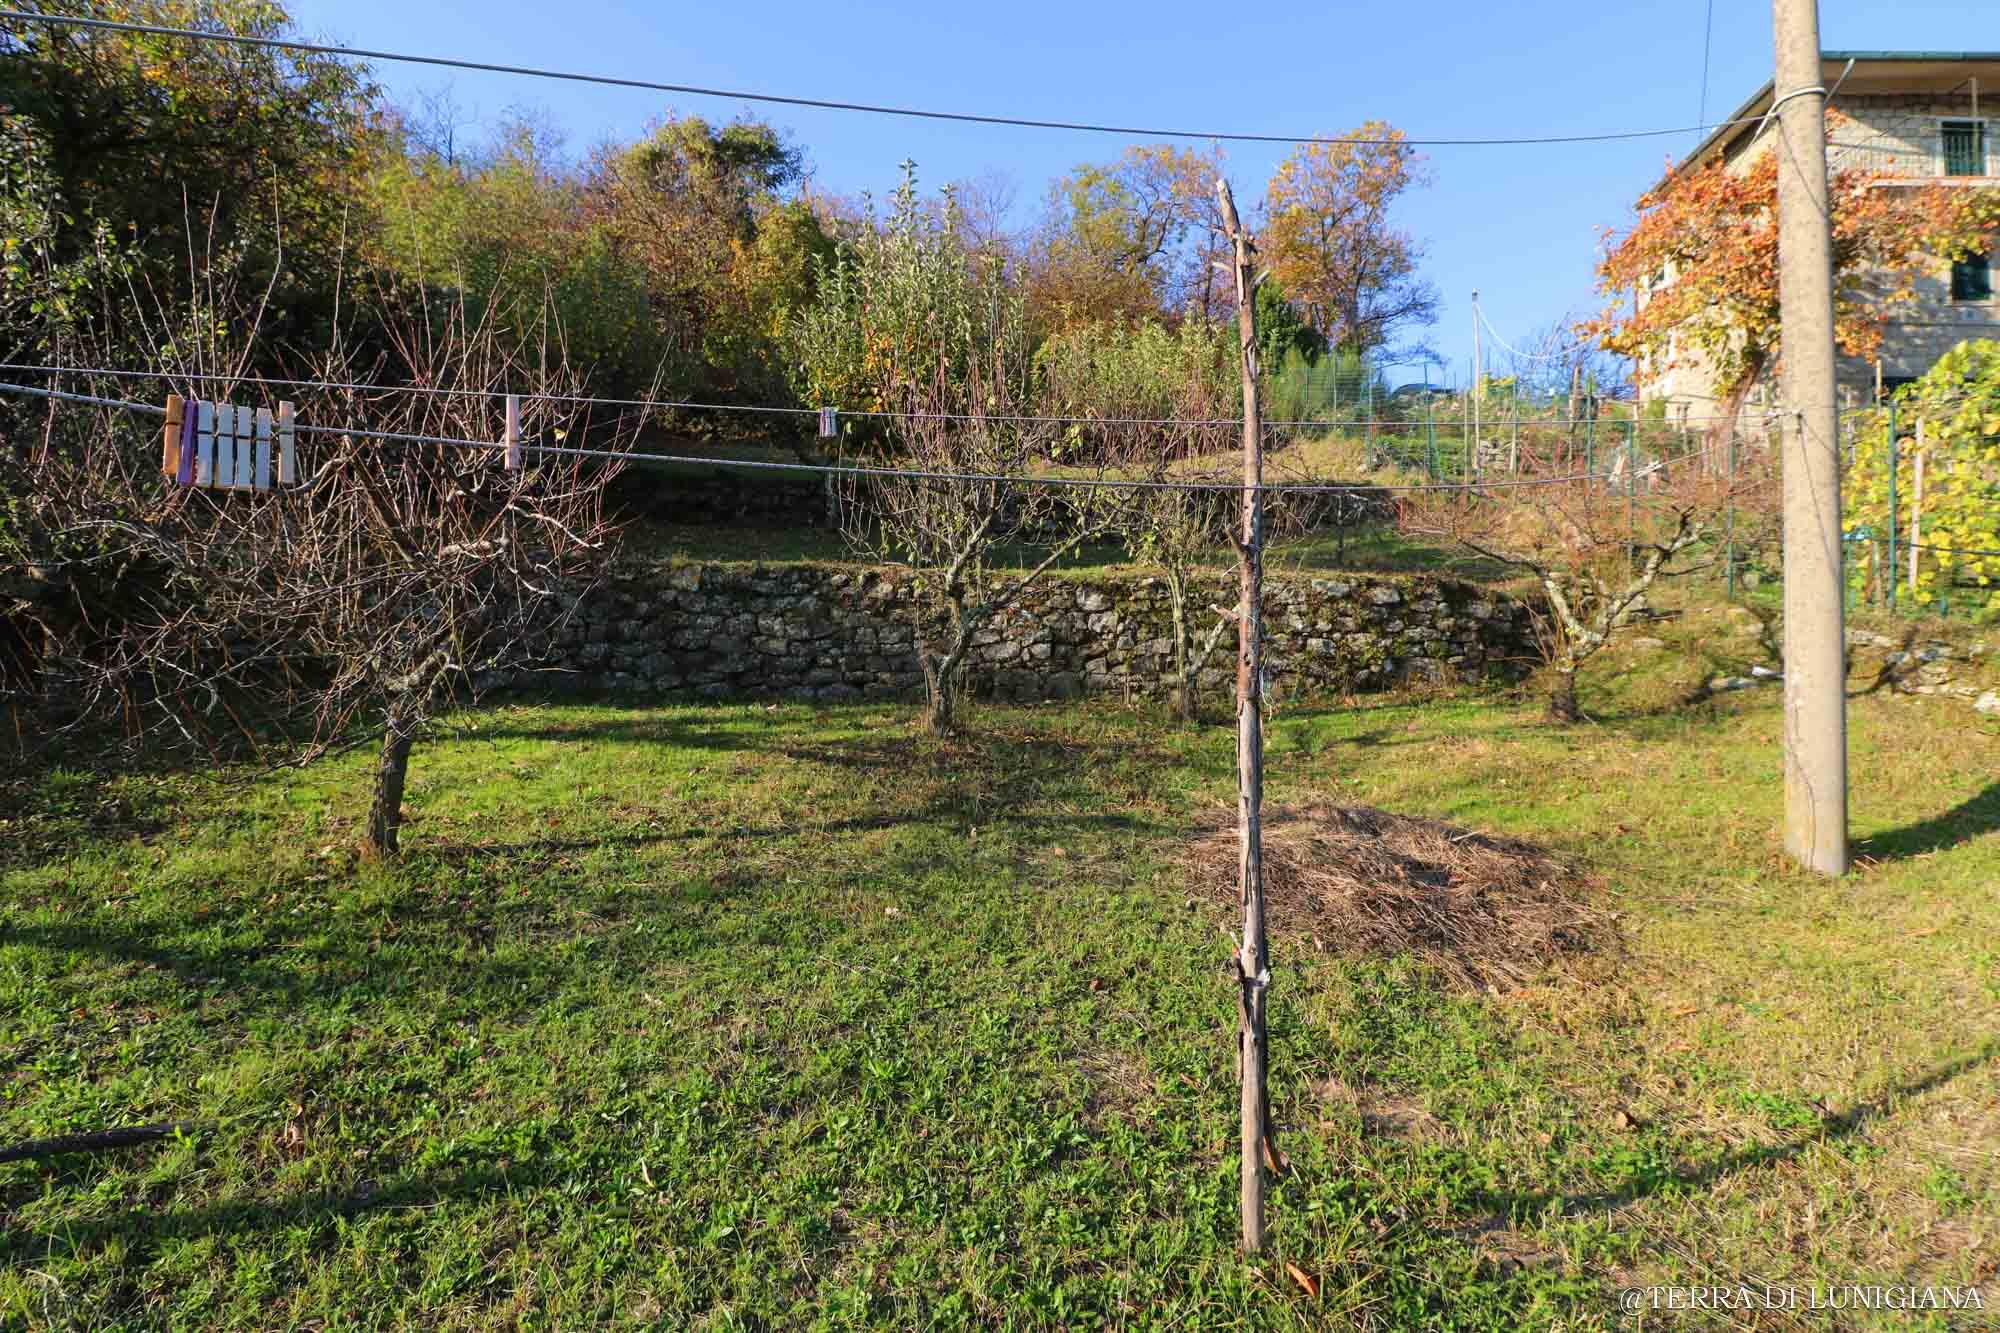 L'ALBA - Two Stone Houses with Garden ~ Terra di Lunigiana